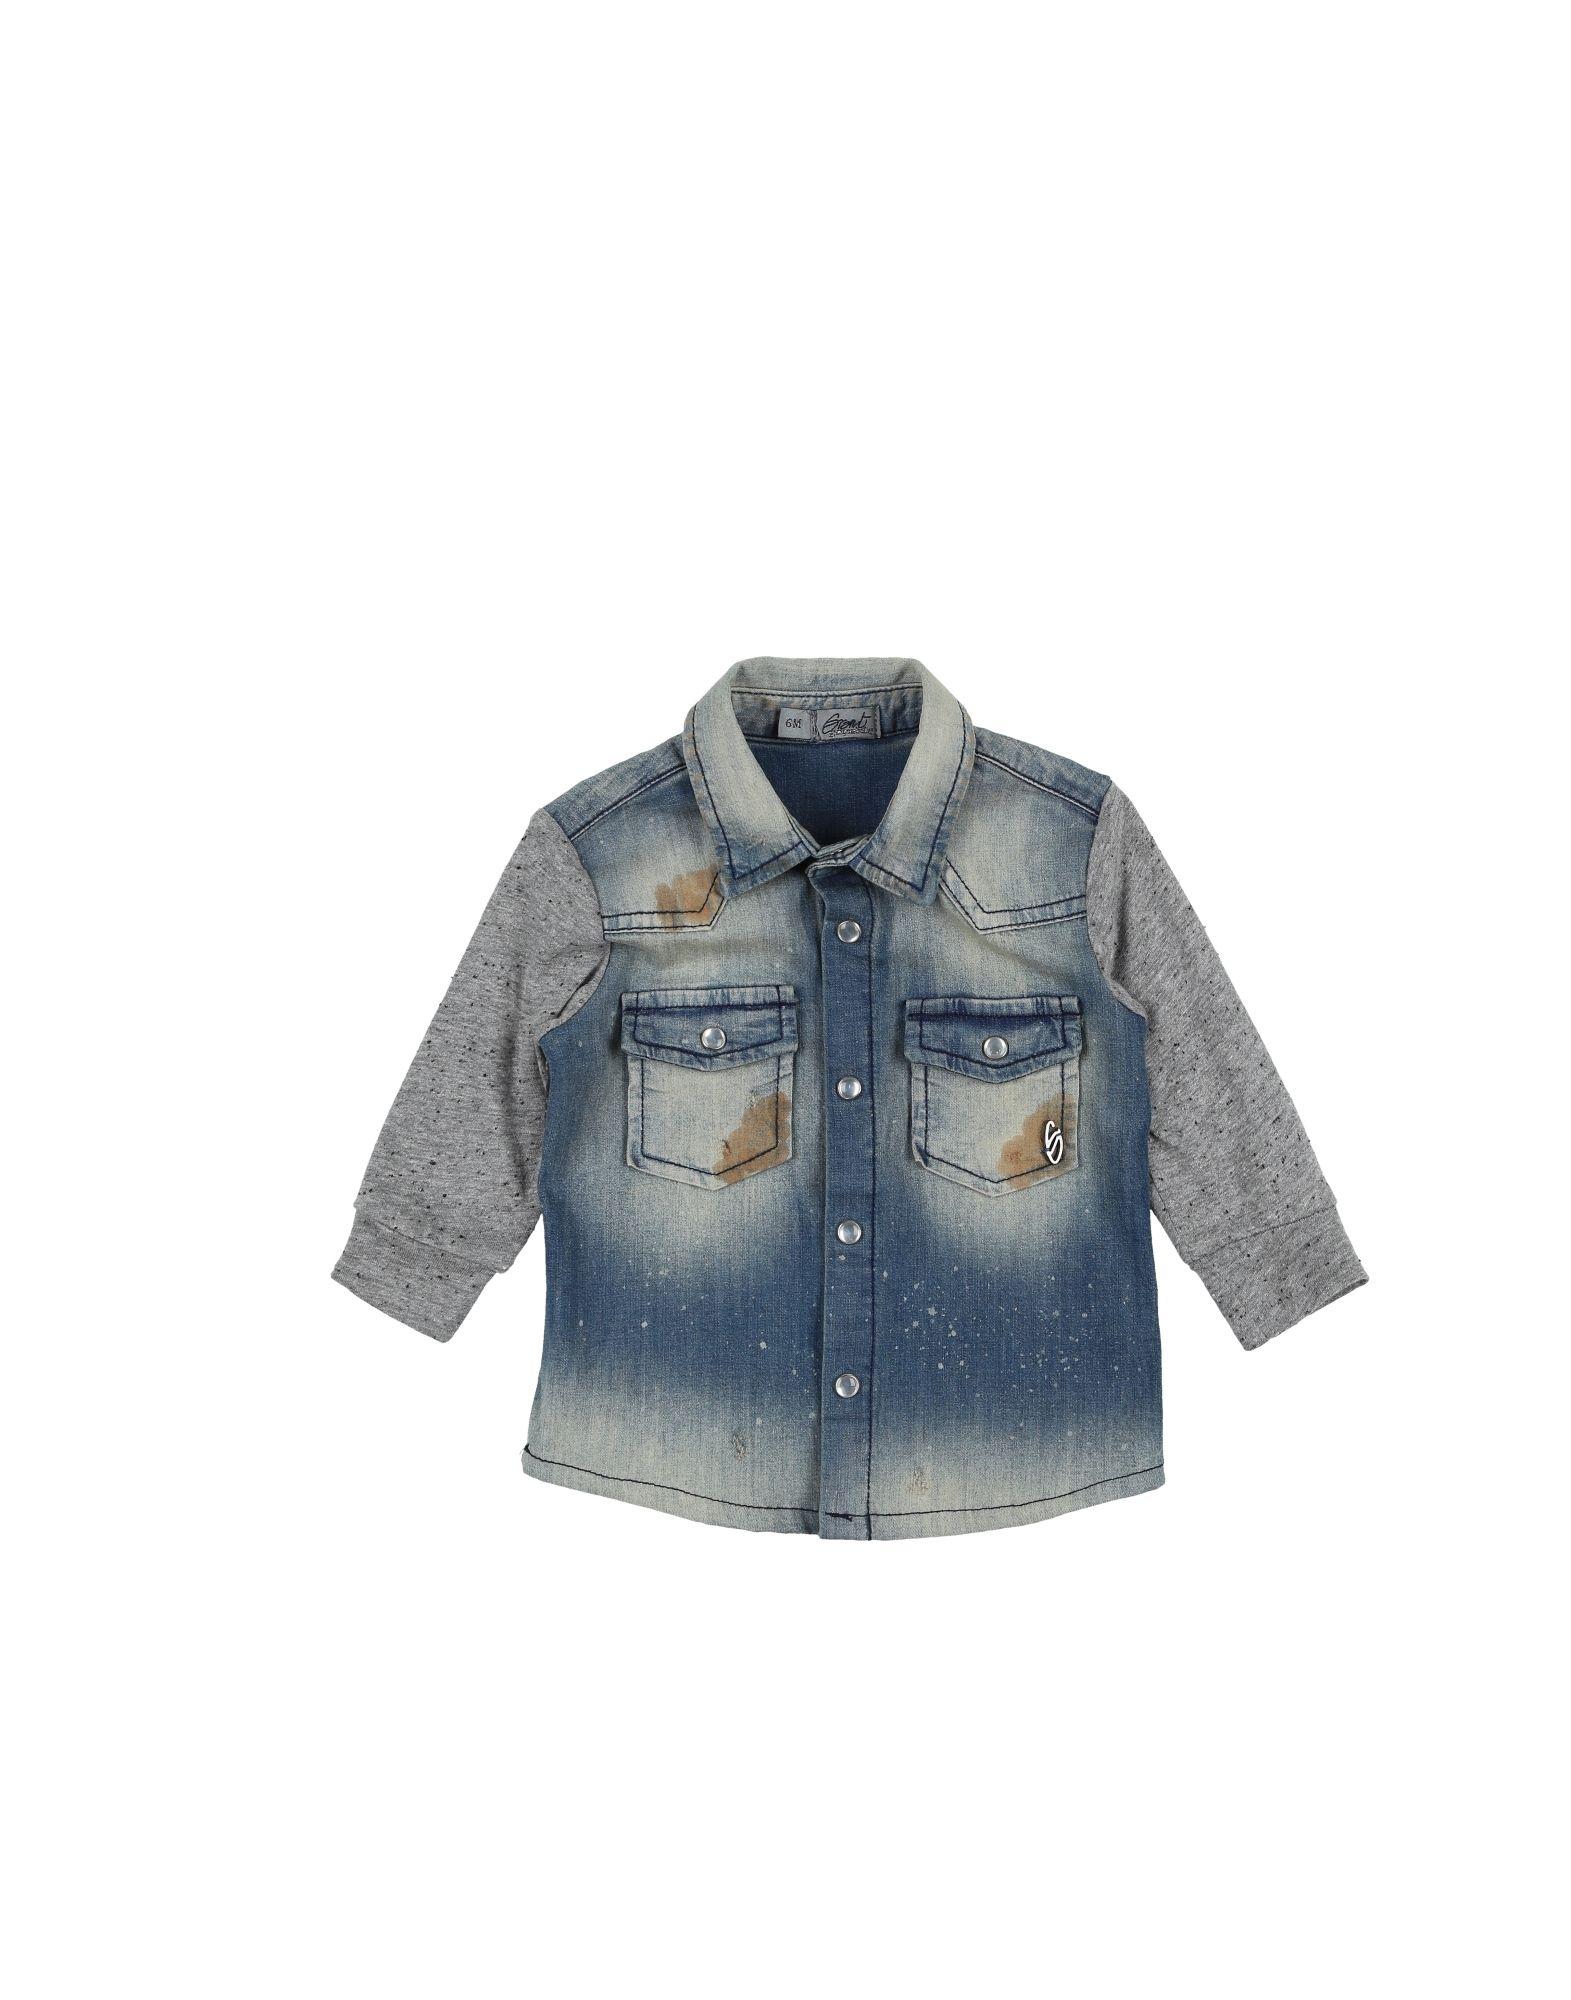 Τζιν Πουκάμισα Αγόρι Grant Garçon Baby 0-24 μηνών - Παιδικά ρούχα στο YOOX 7435e51a36c